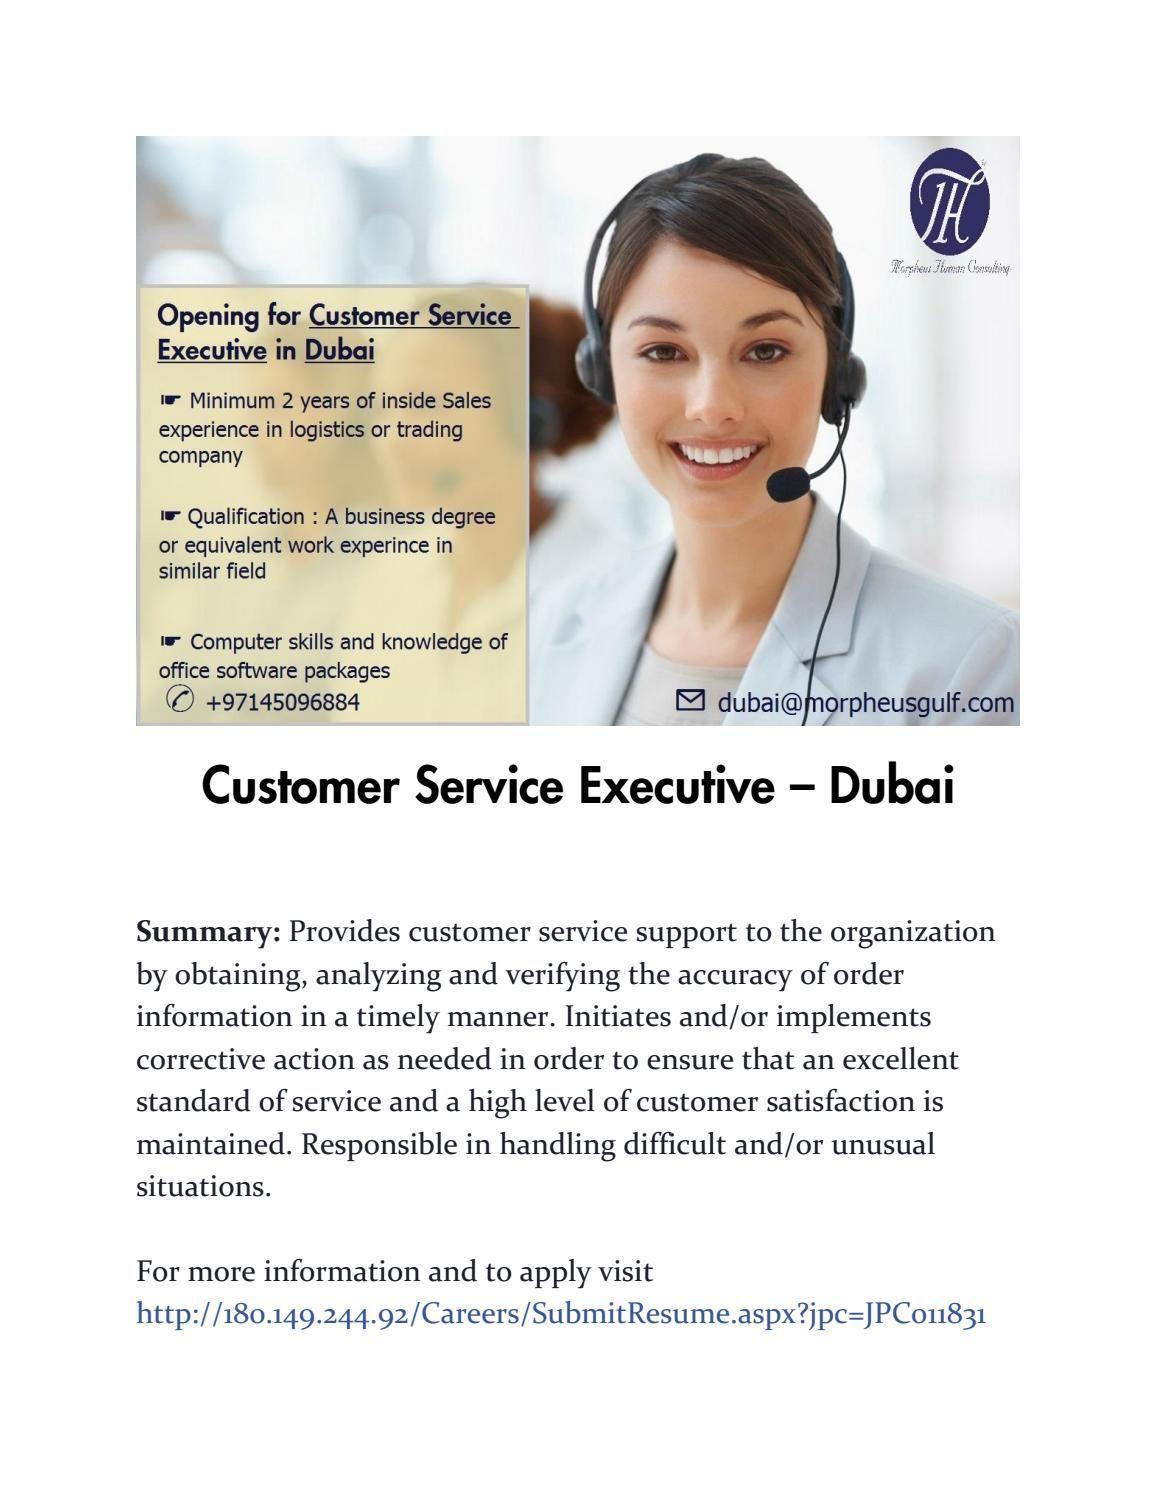 Customer service executive Job posting, Executive jobs